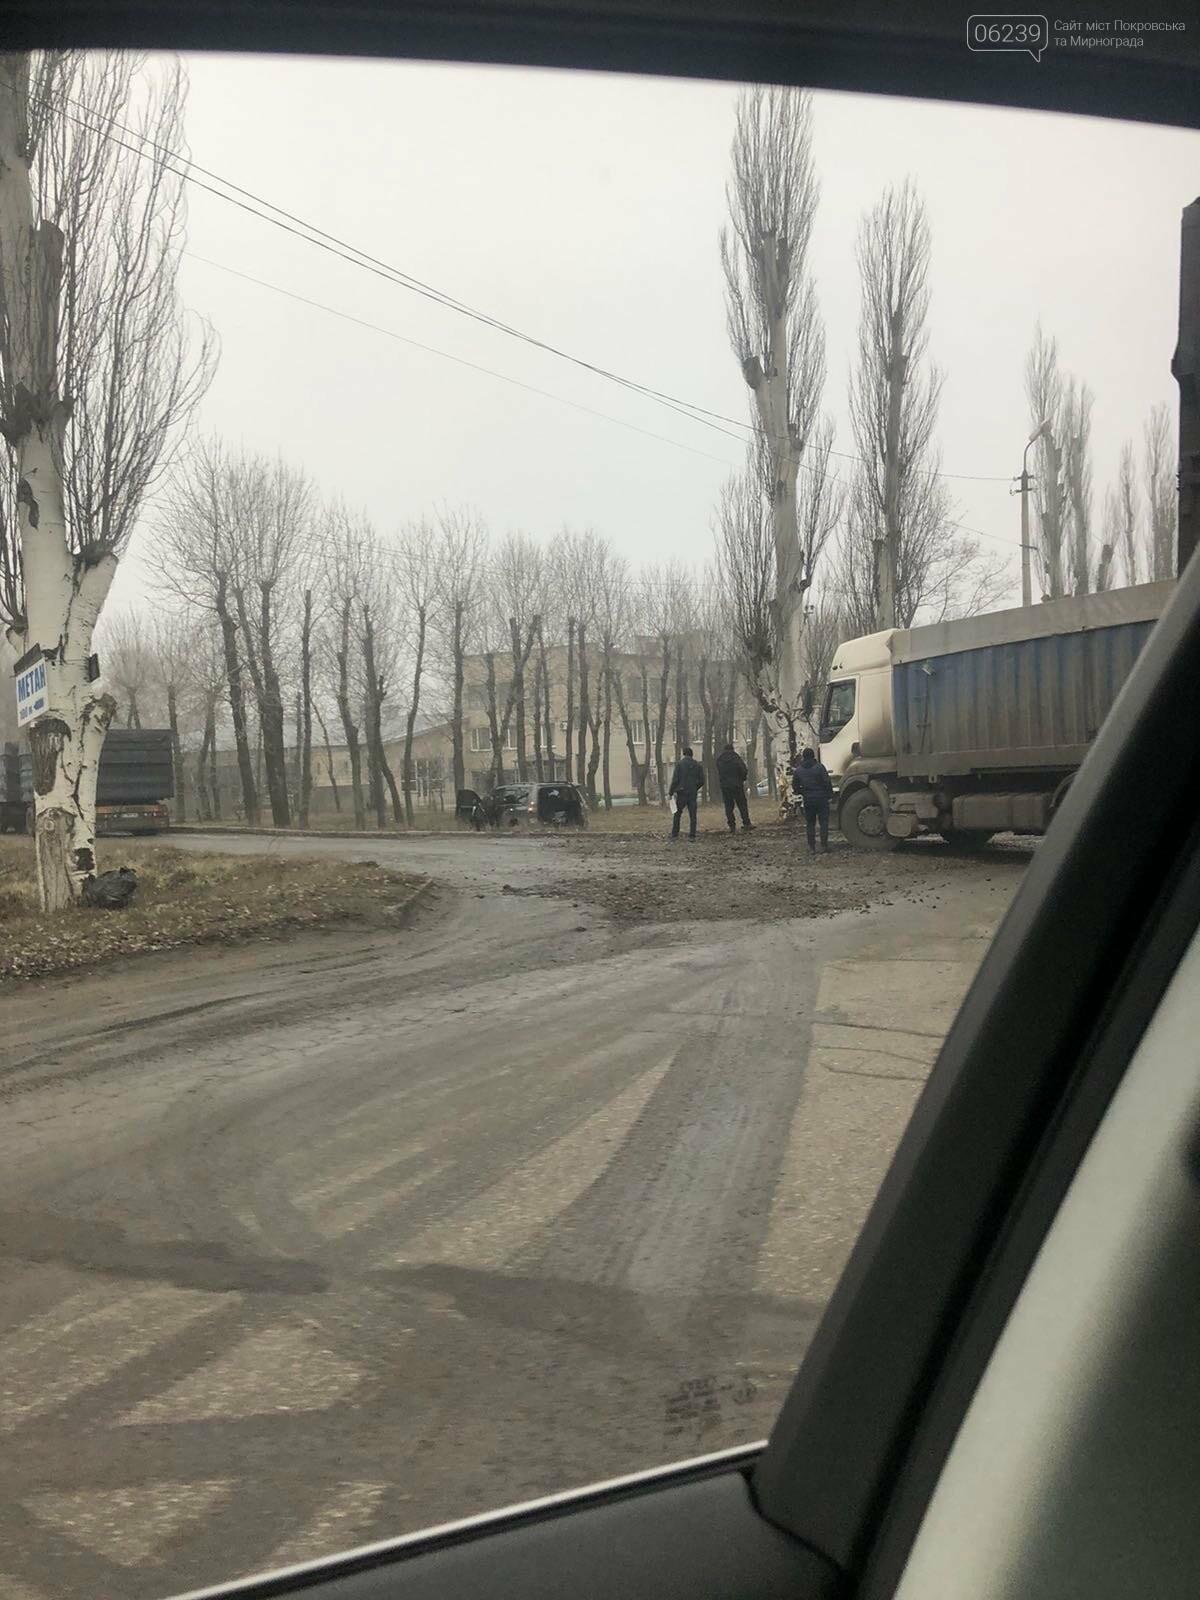 Пострадавших нет: в Покровске столкнулись Toyota и грузовик, фото-2